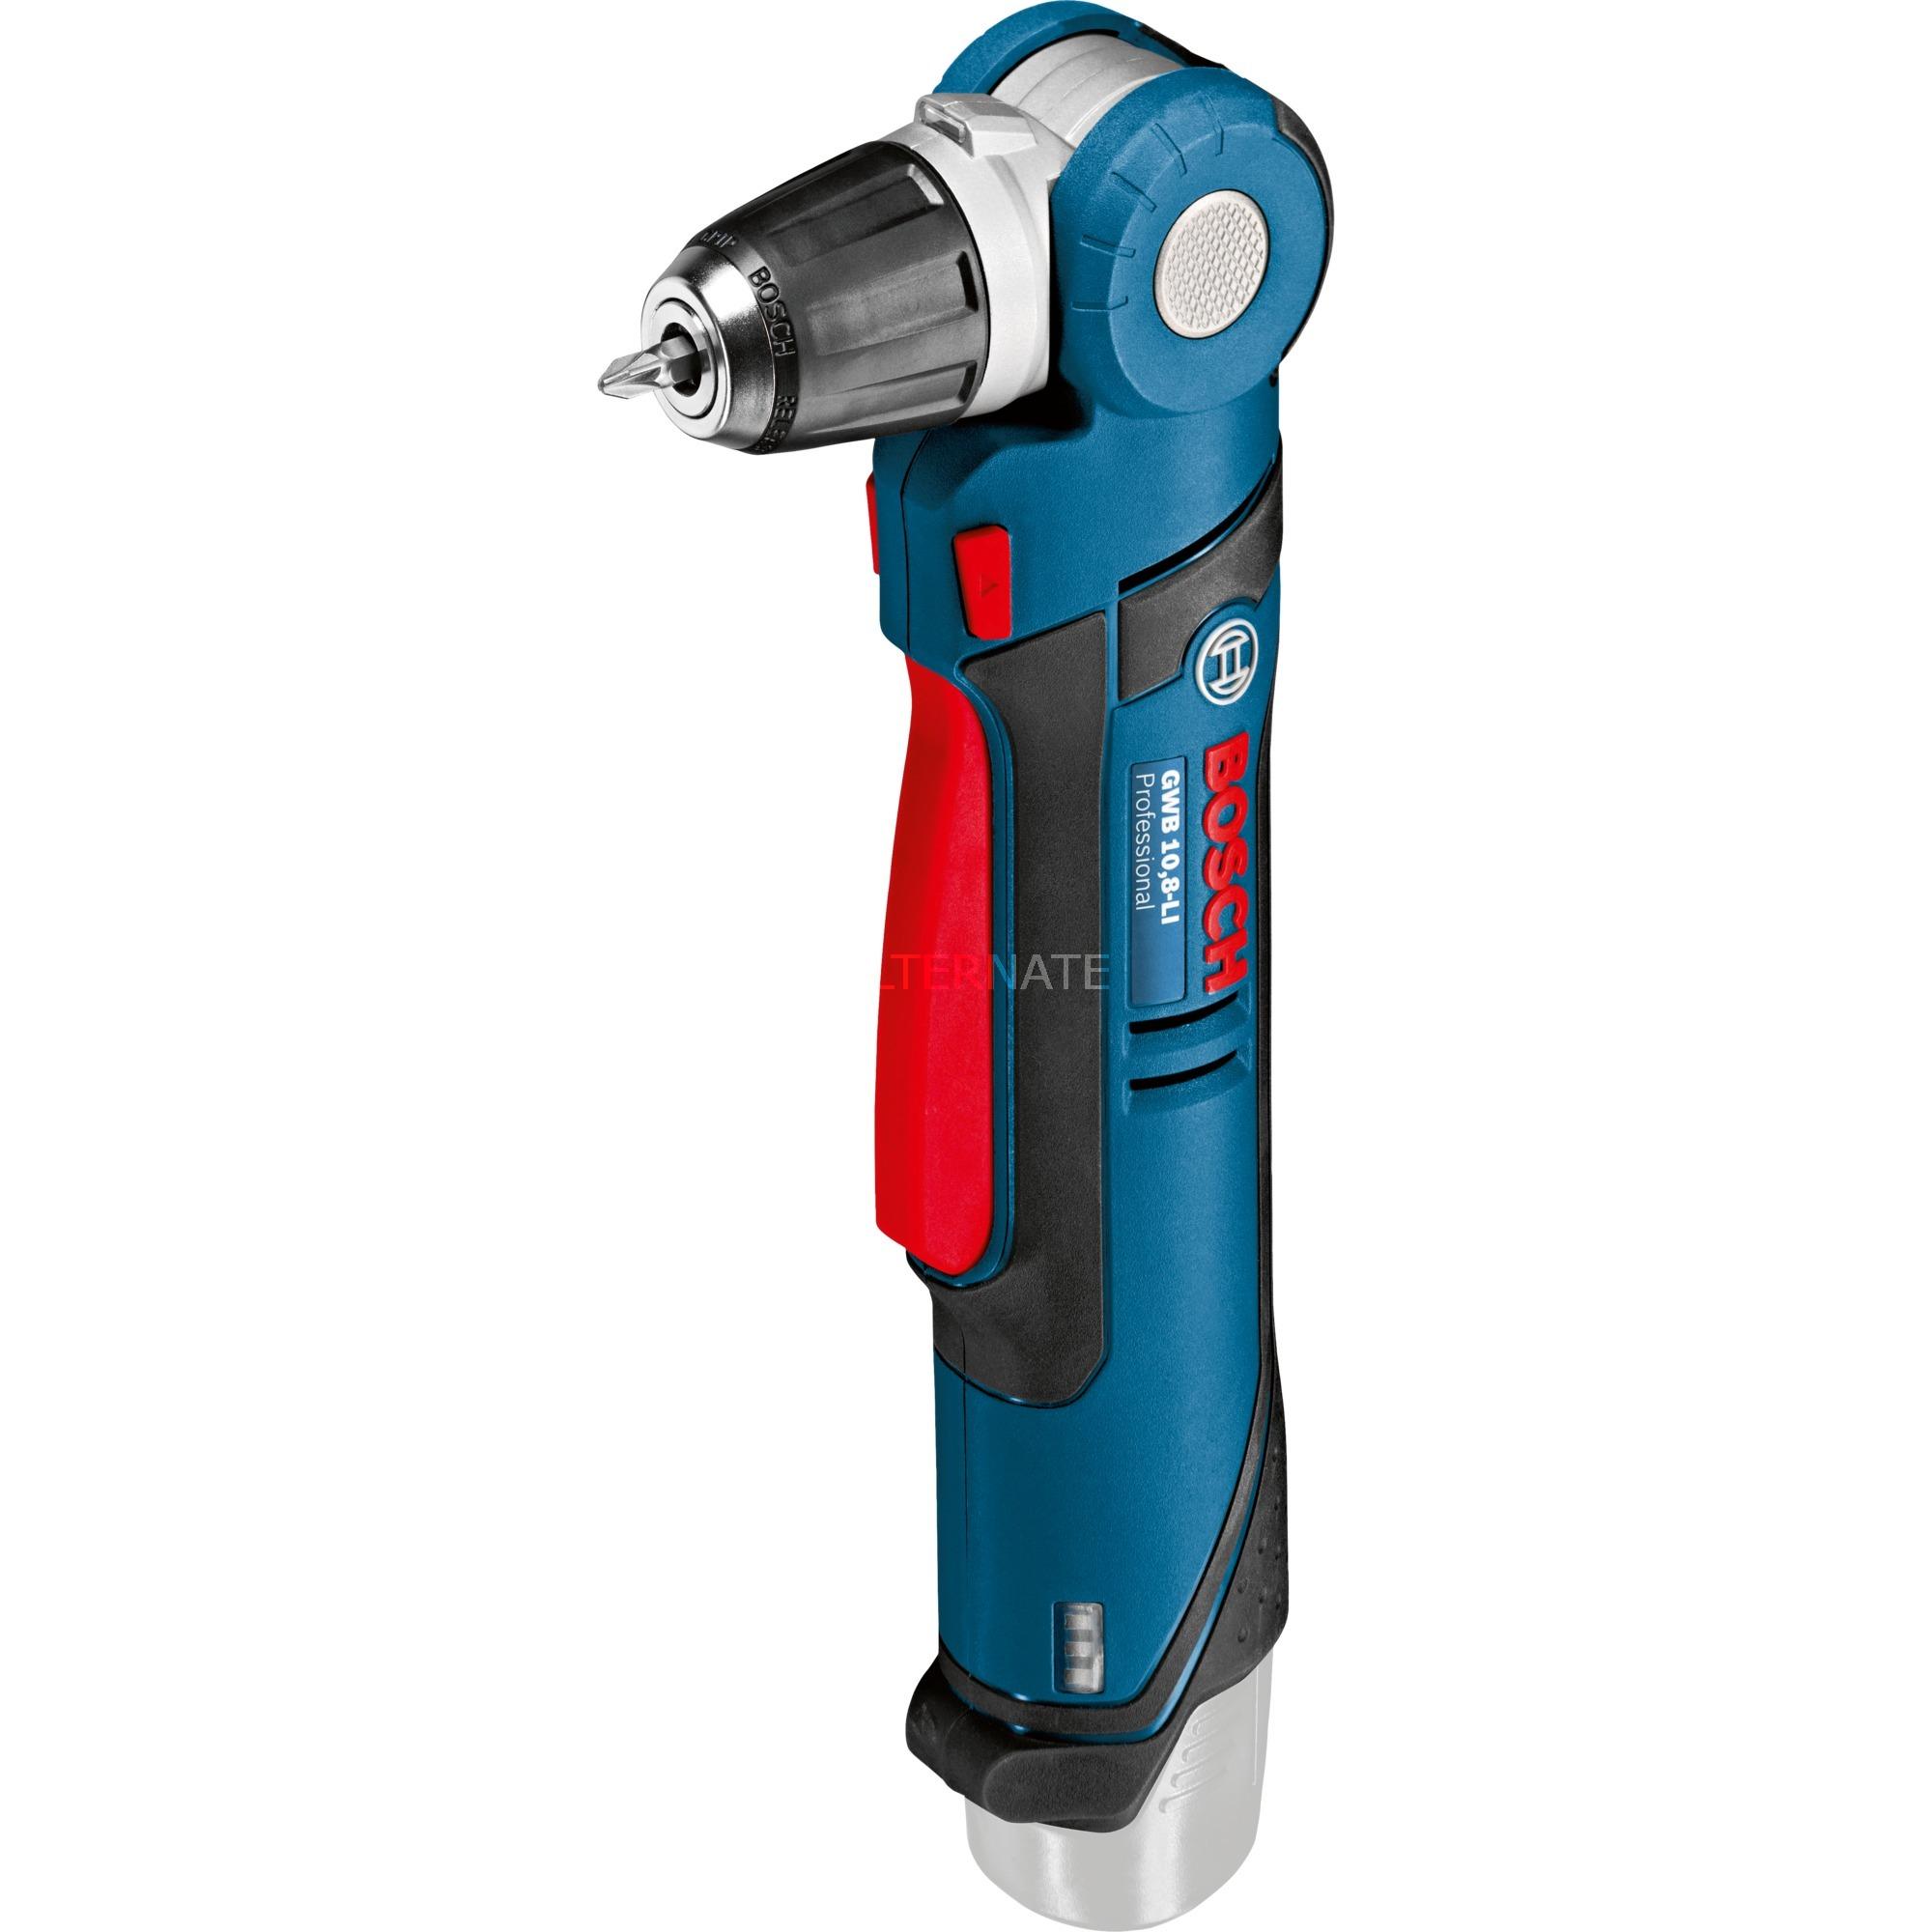 0601390909 Taladro de ángulo recto Azul Ión de litio 1,2 kg, Taladro/destornillador